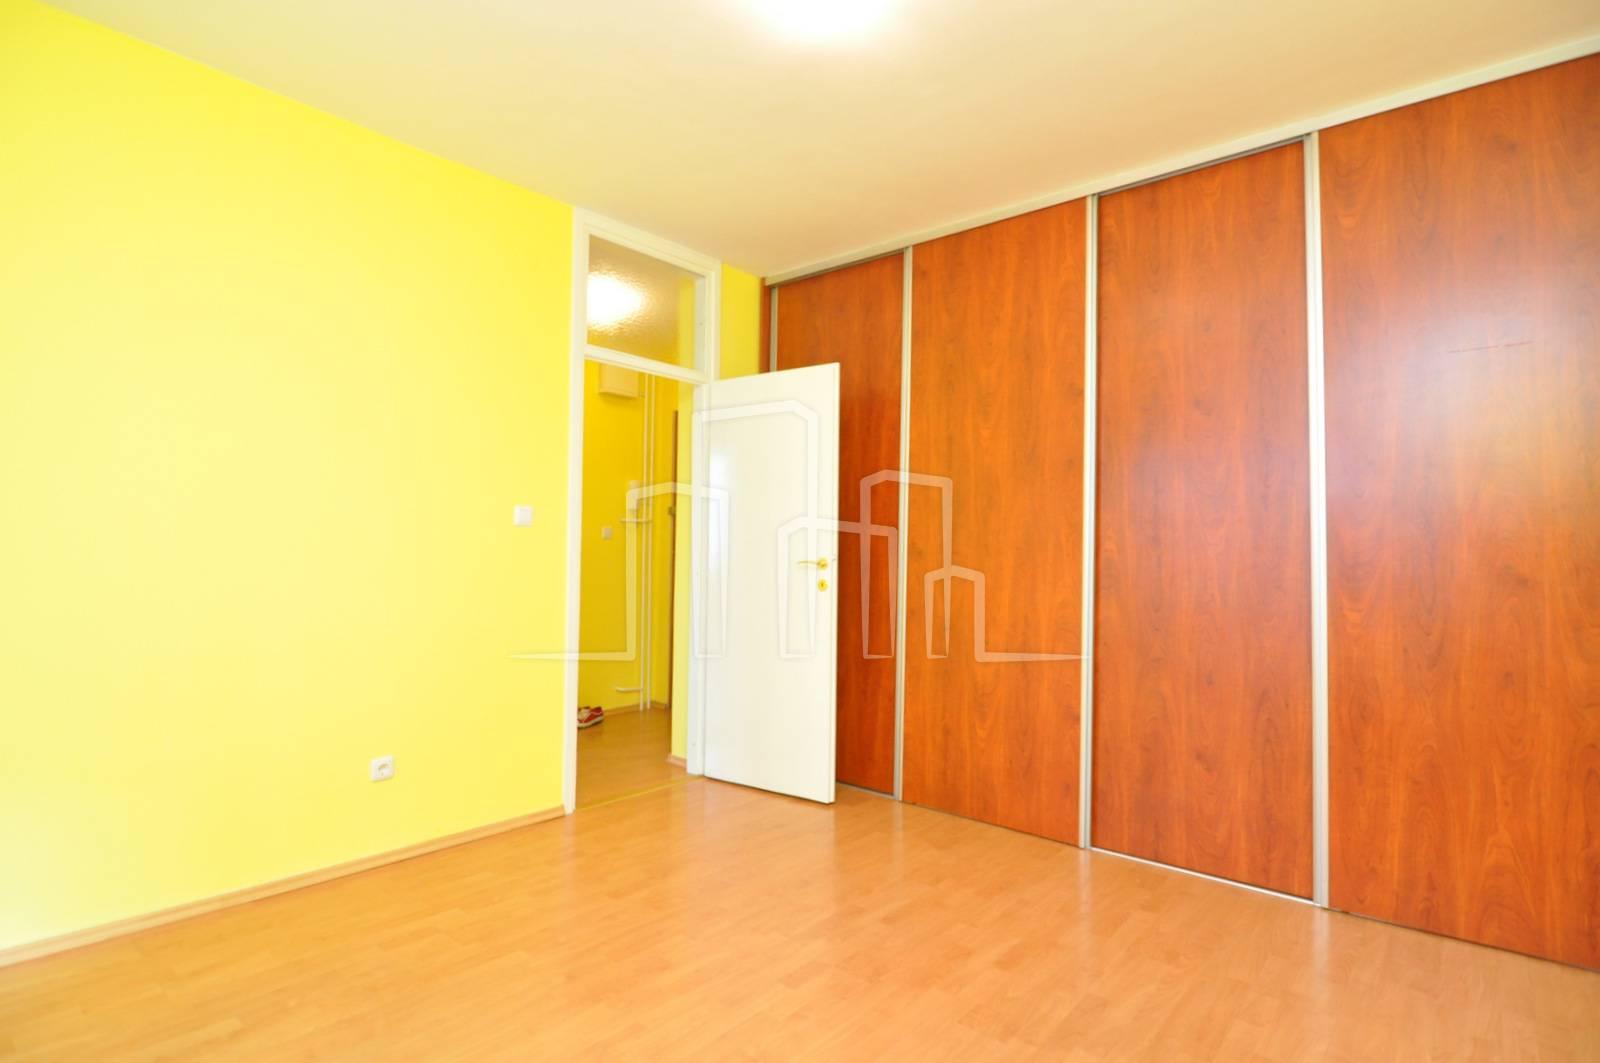 Kancelarijski poslovni prostor 40m2 iznajmljivanje Pofalići